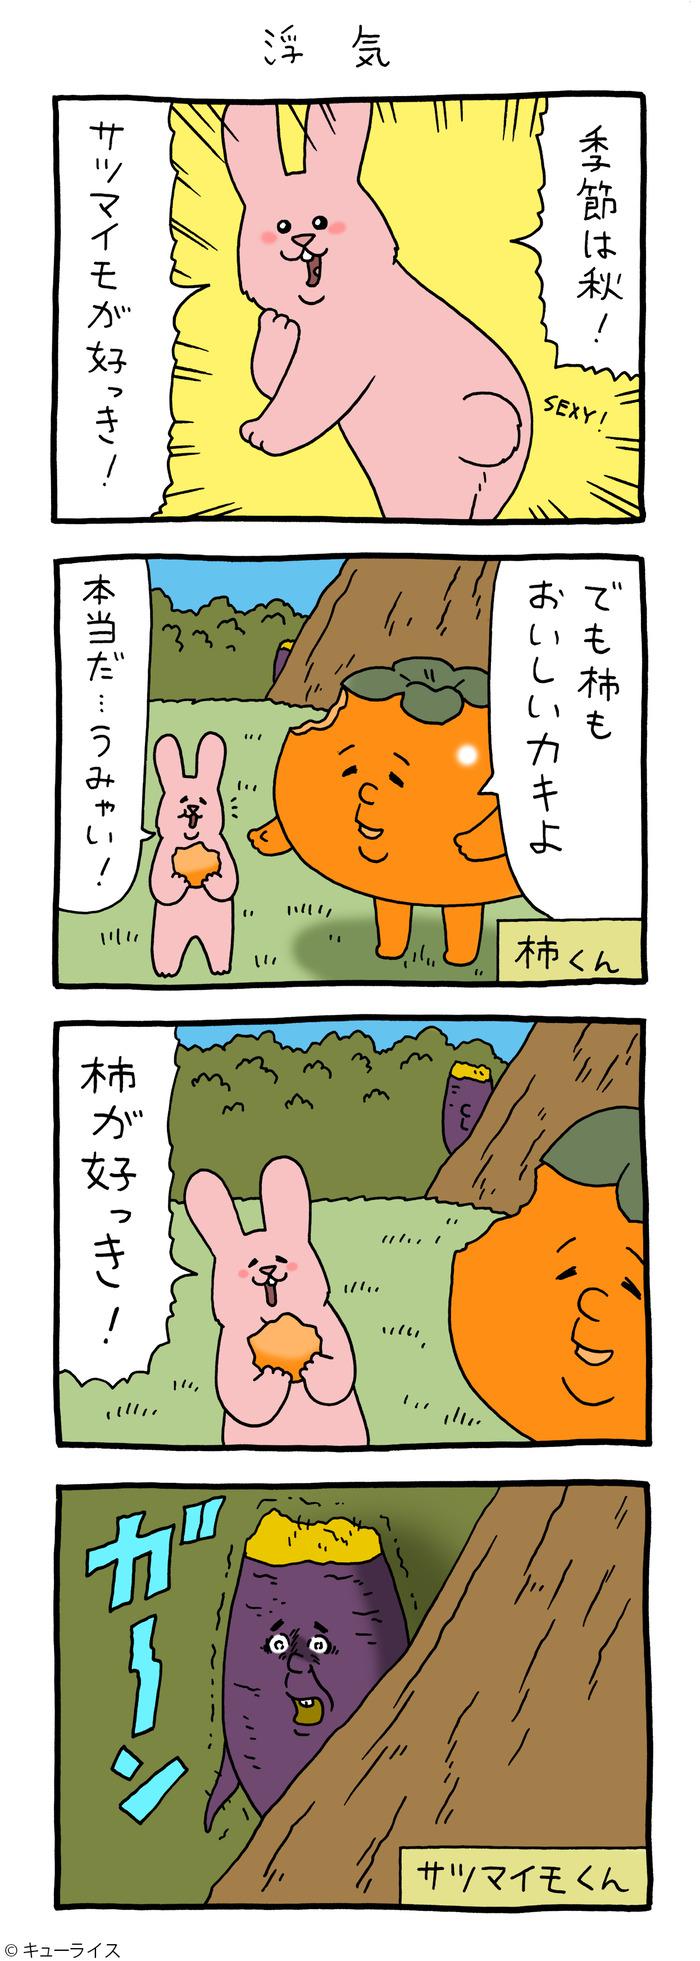 スキウサギ お芋2 のコピー